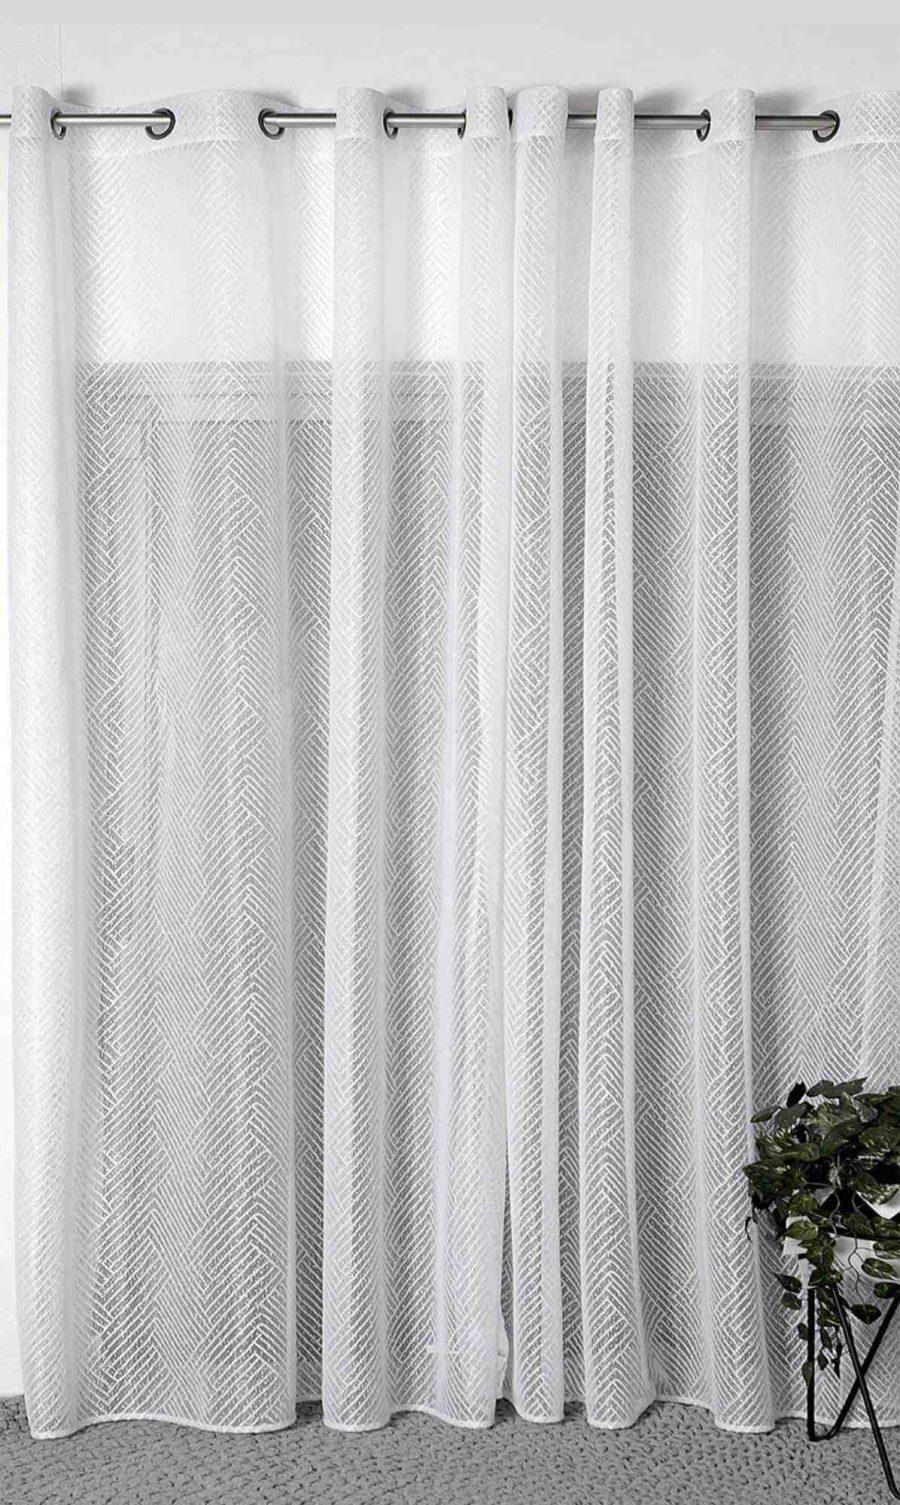 וילון רשת מעוצב לסלון ולחדר השינה - סוצ'י